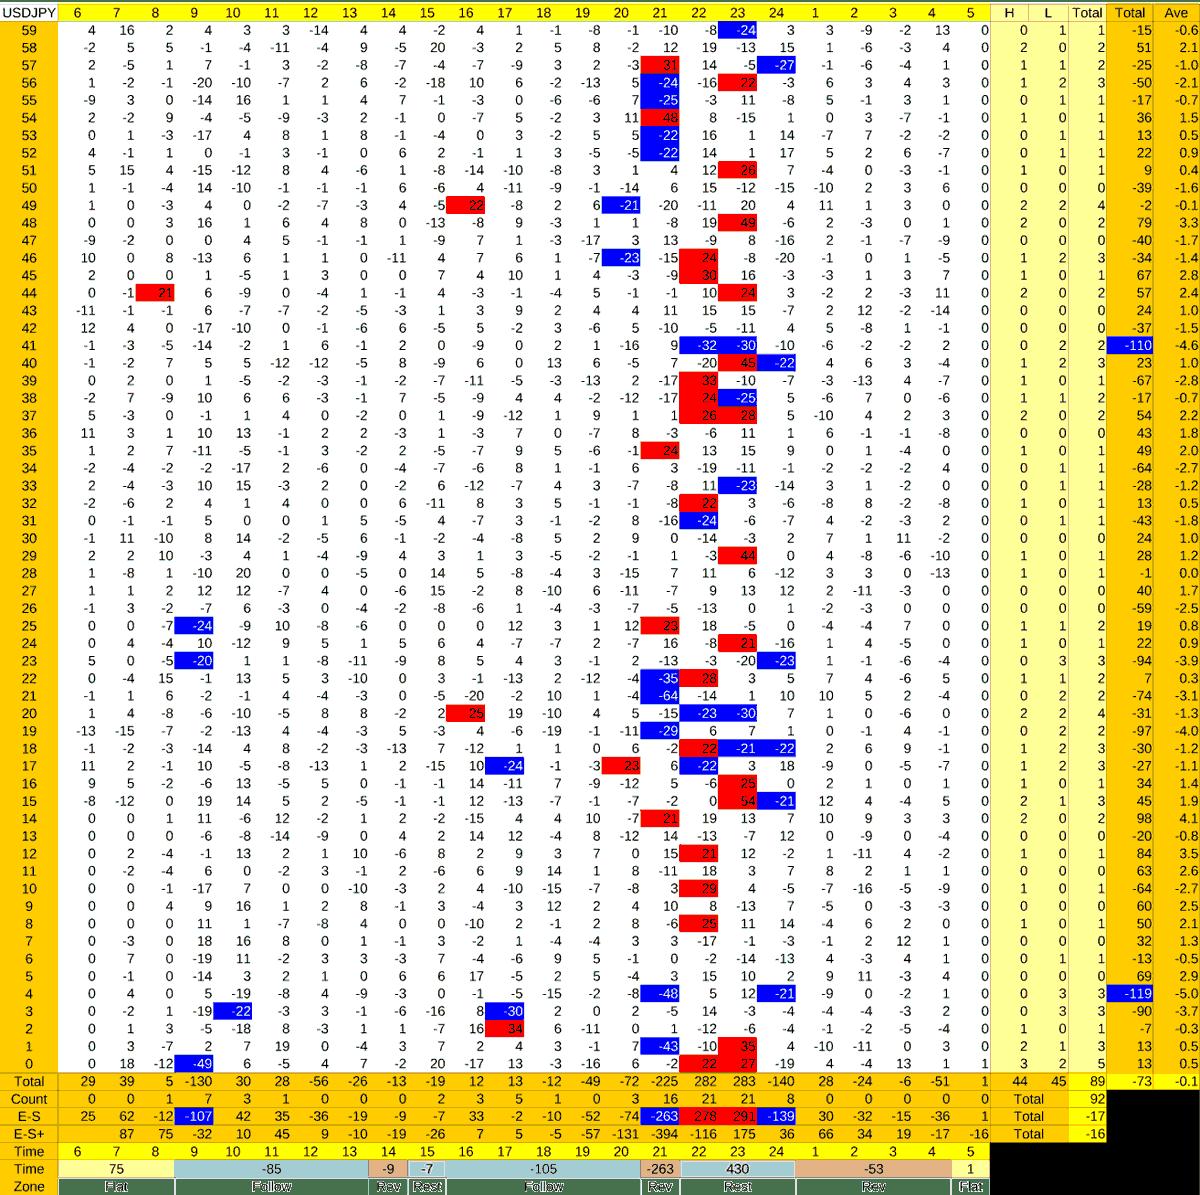 20210423_HS(1)USDJPY-min